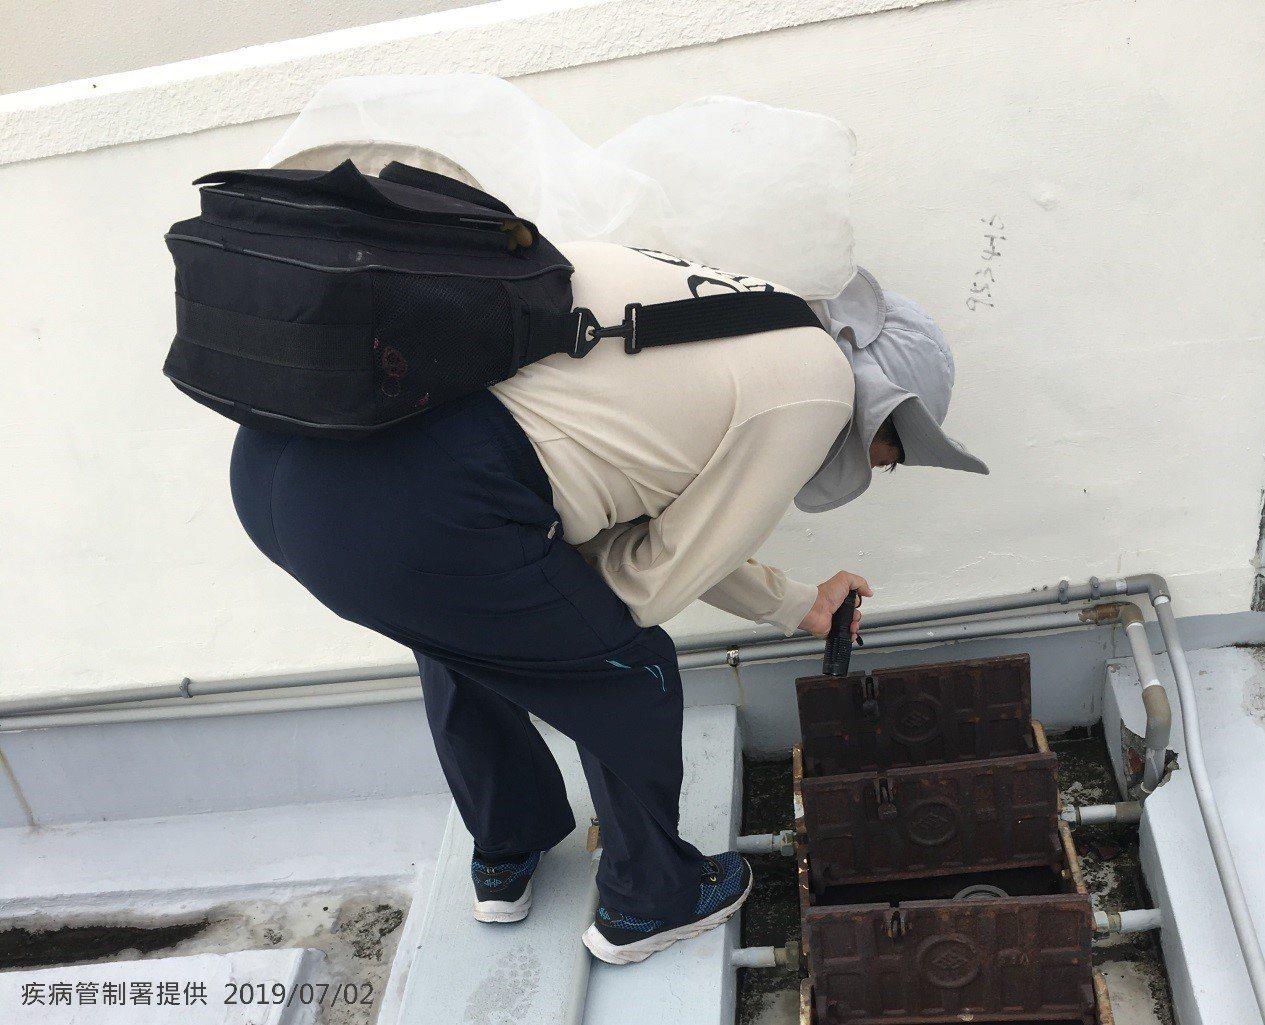 疾管署防疫人員,於台南市中西區開山里進行孳生源查核。圖/疾管署提供